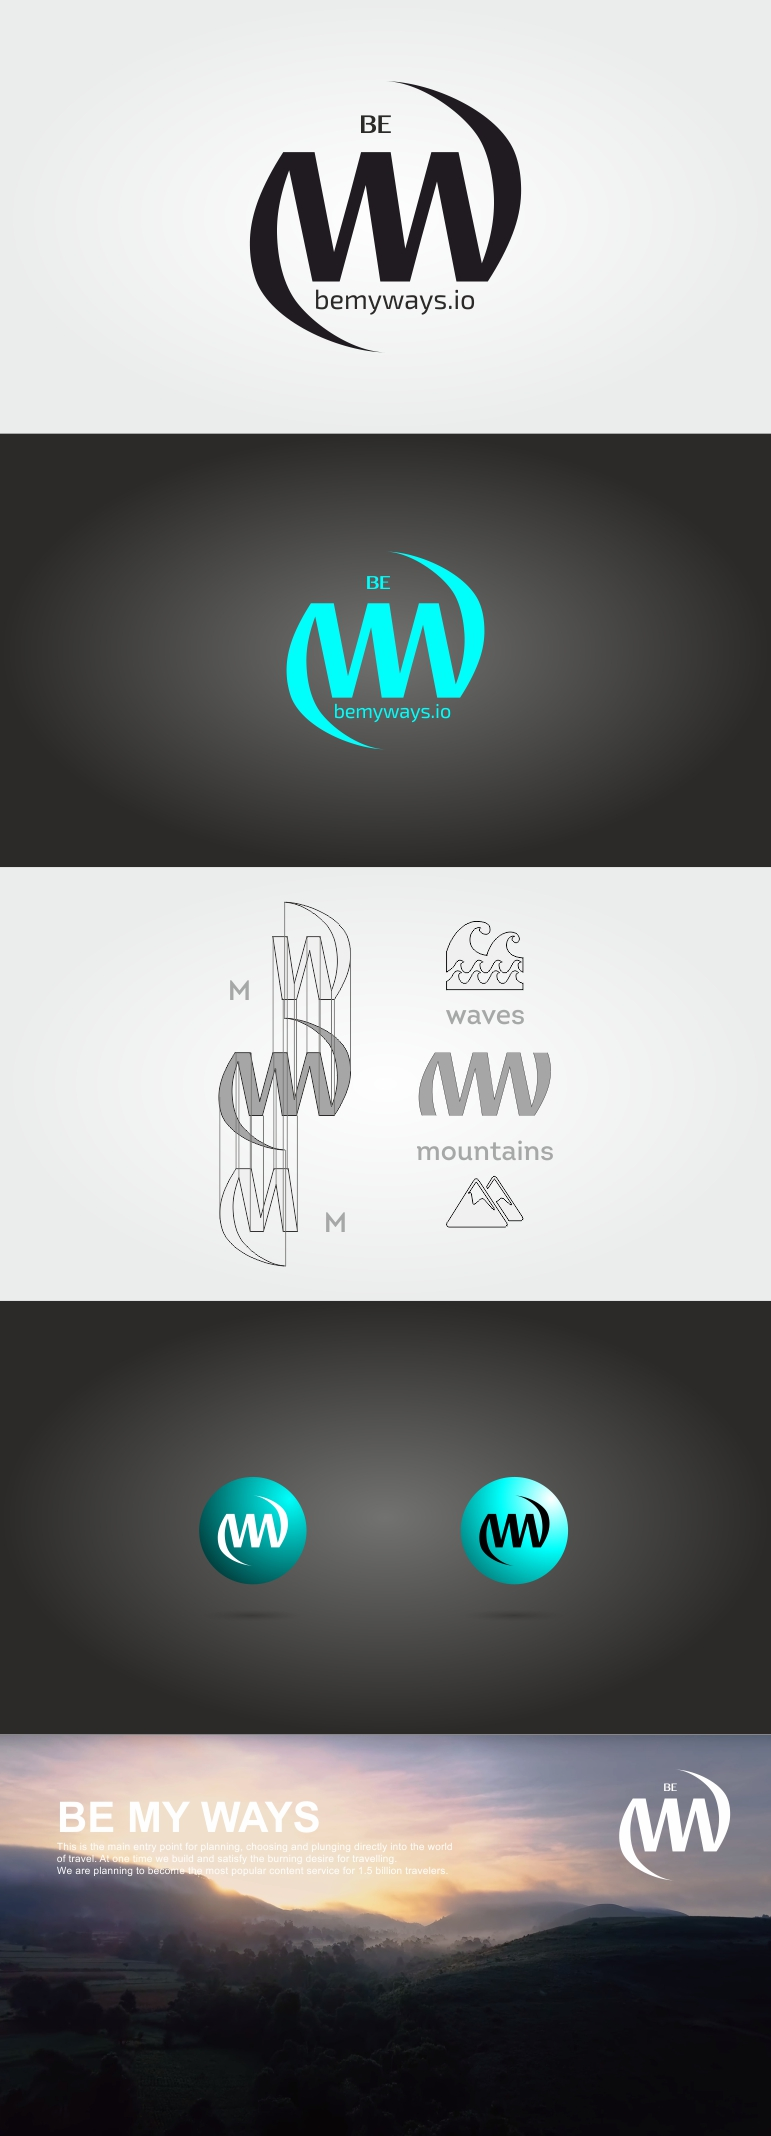 Разработка логотипа и иконки для Travel Video Platform фото f_7225c35d576b6285.jpg